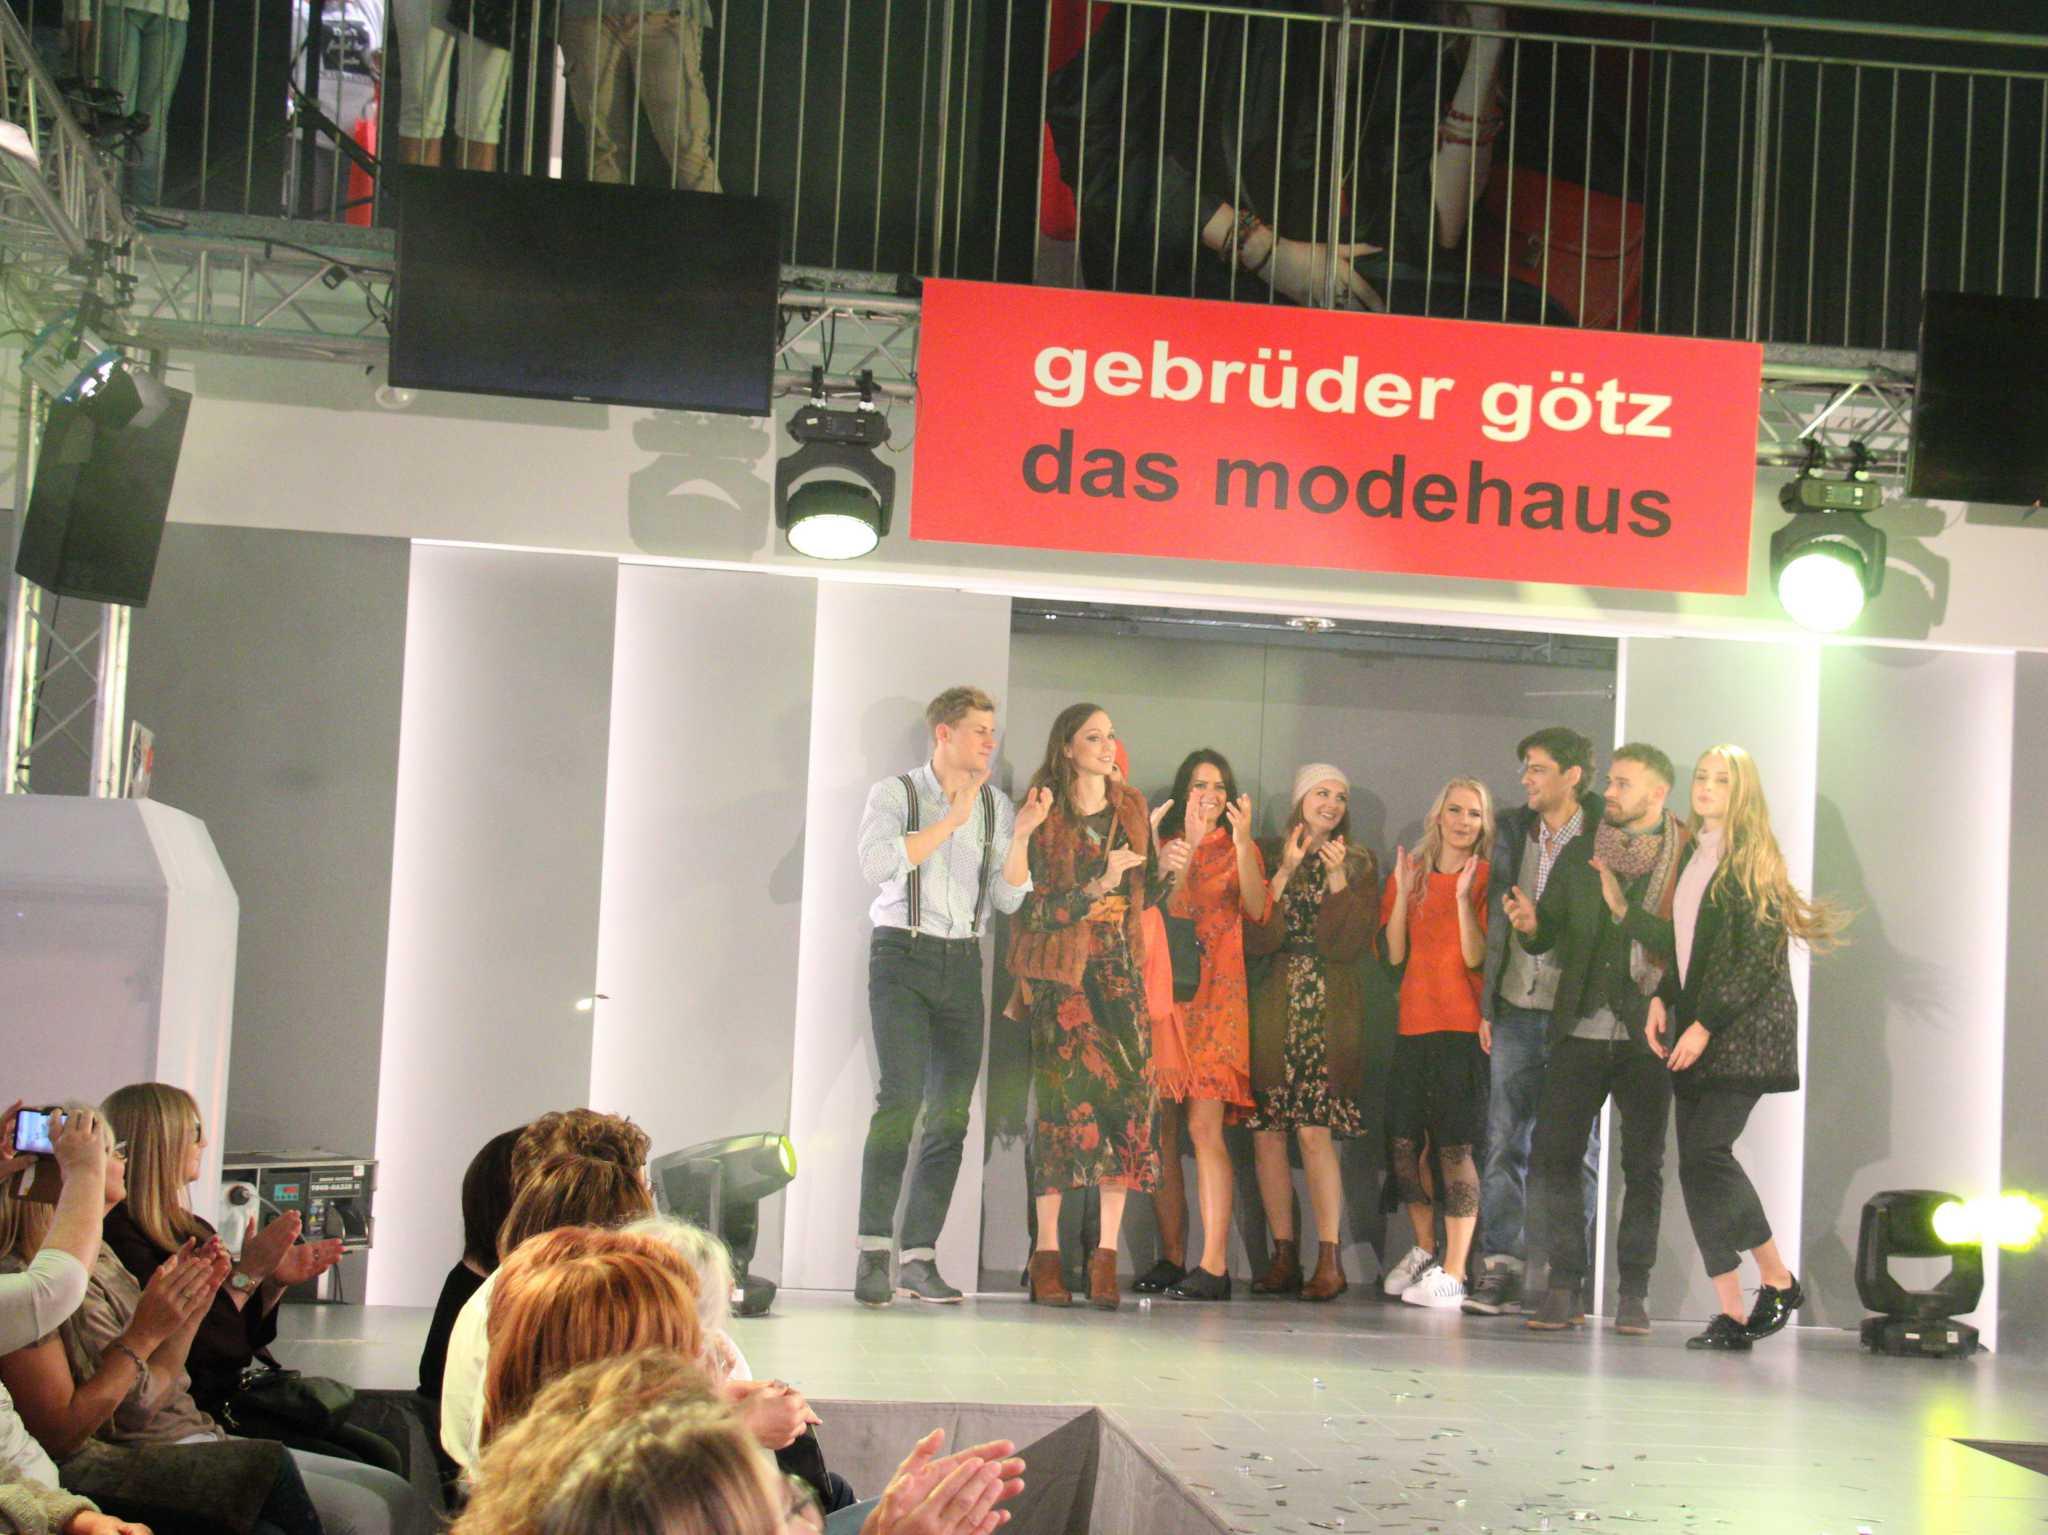 Modenschau im Modehaus Gebrüder Götz. Foto: Modehaus Gebrüder Götz